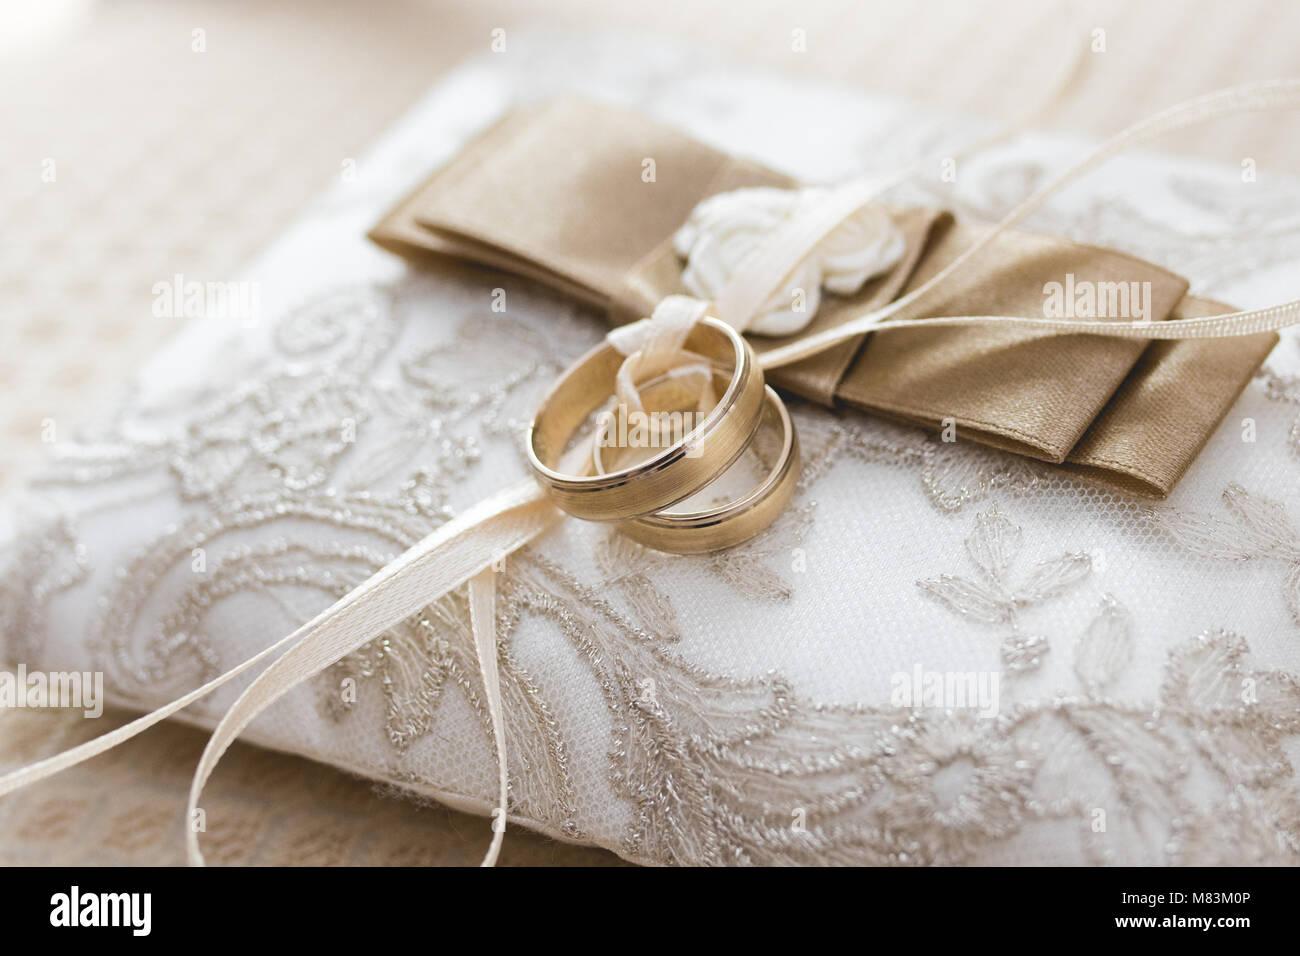 Goldene Hochzeit Ringe Auf Kissen Stockfoto Bild 177102486 Alamy